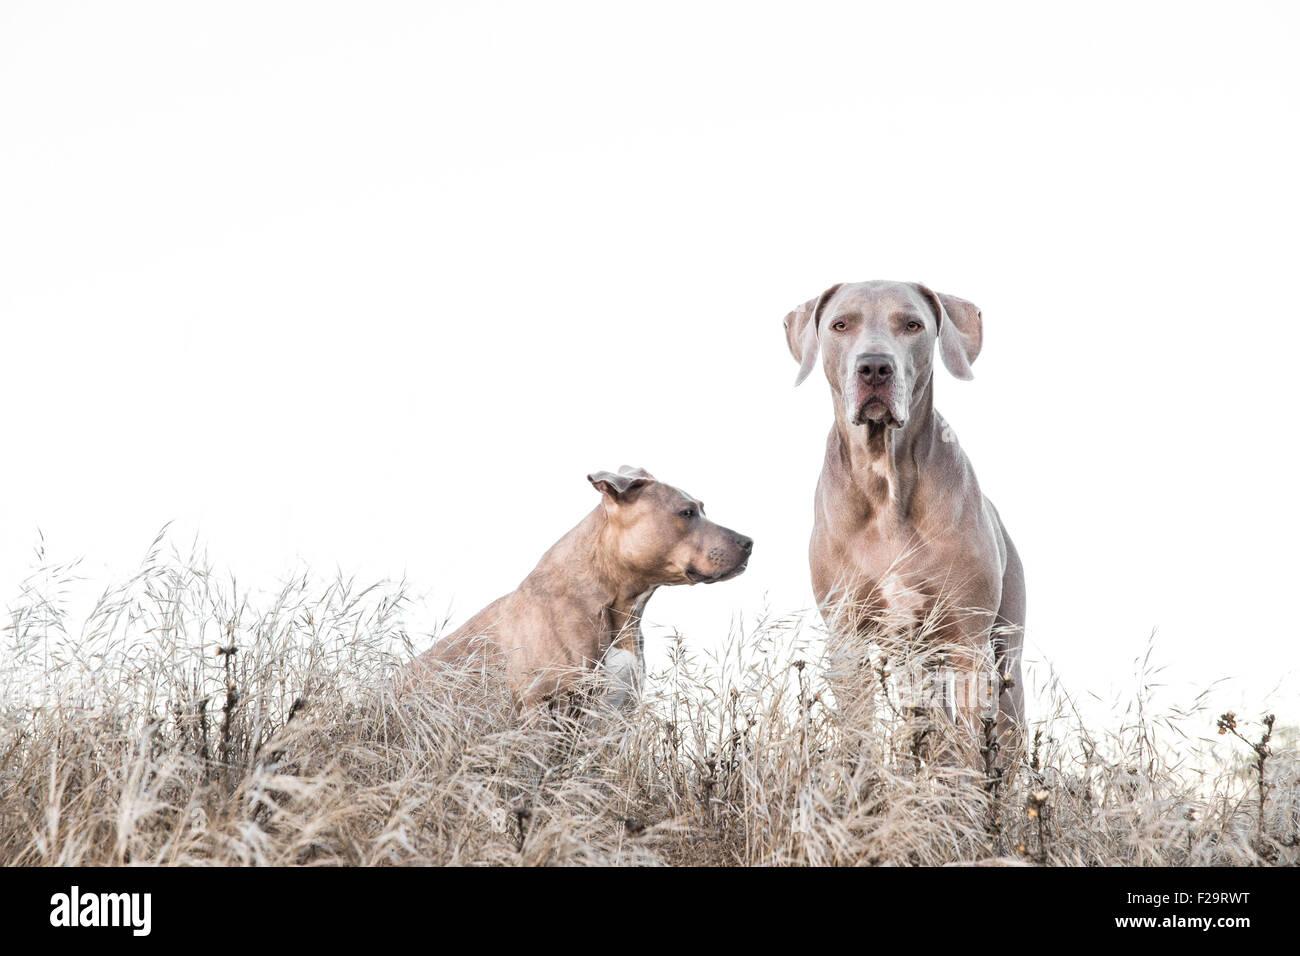 Braque et Pitbull debout aux côtés de hautes herbes sèches dans le champ, l'un en face de mauvaise Photo Stock